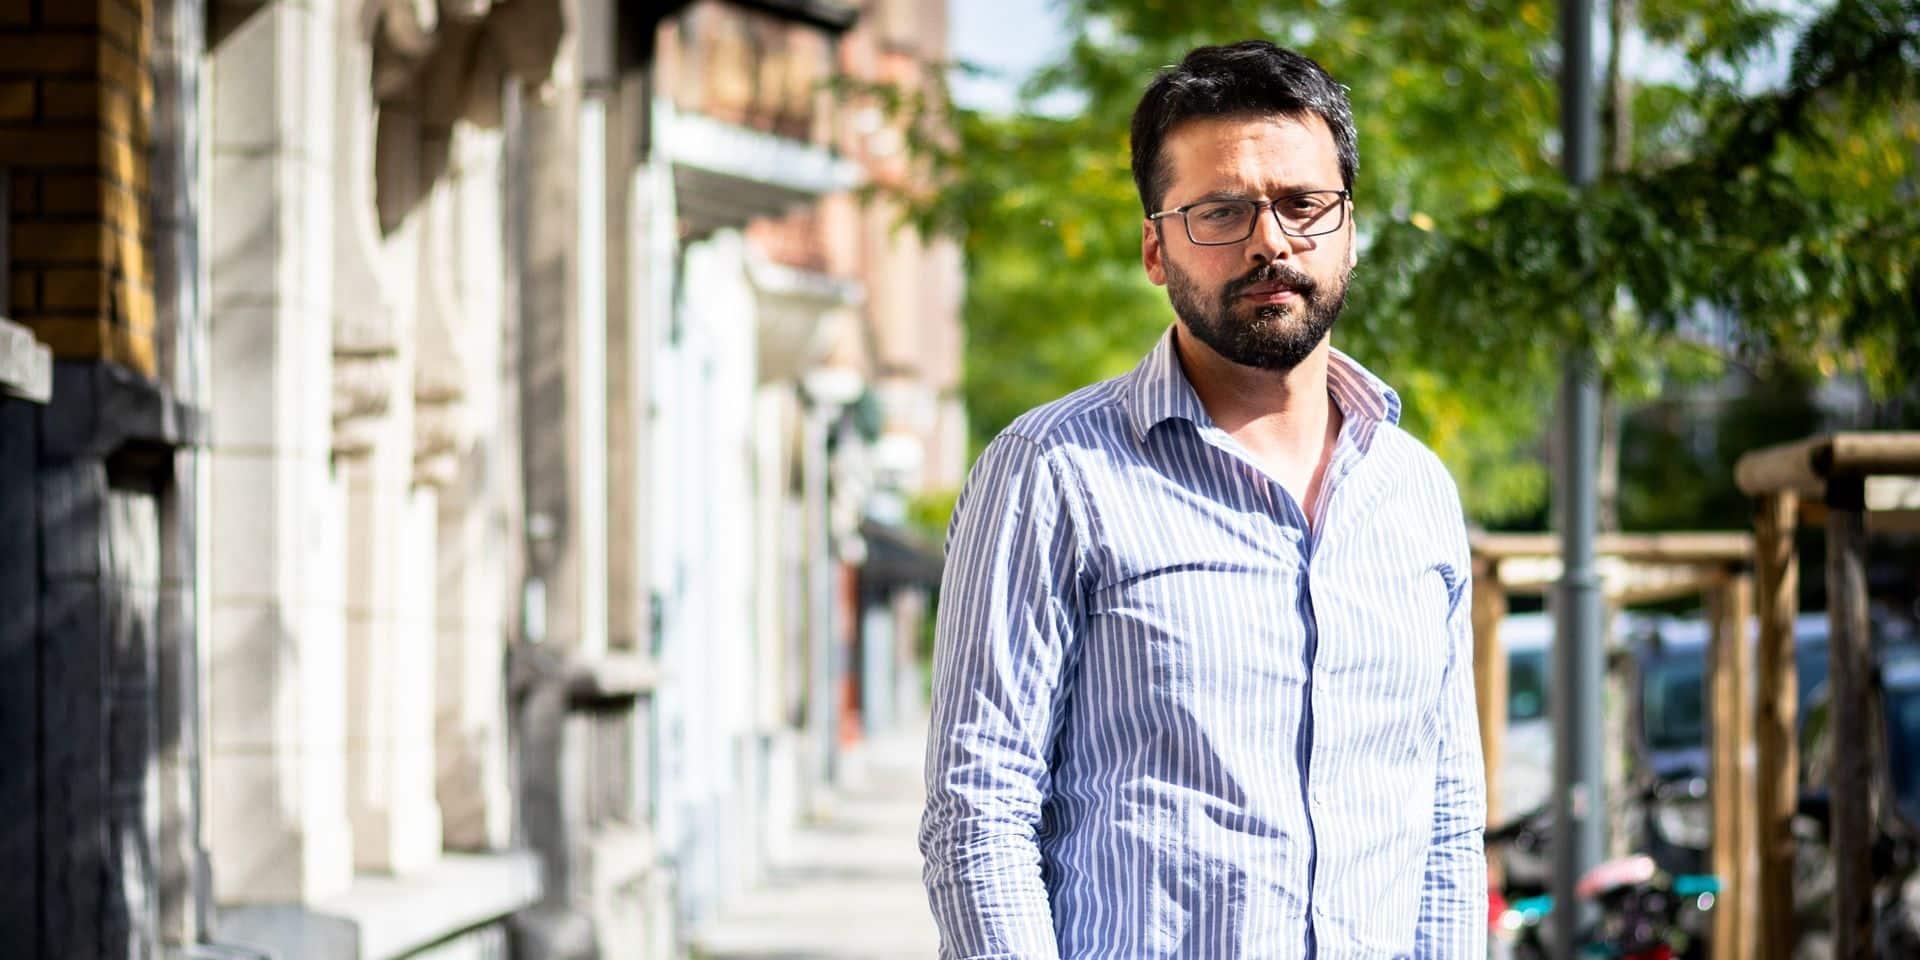 Approché par une firme pharmaceutique, Emmanuel André coupe court aux fausses rumeurs